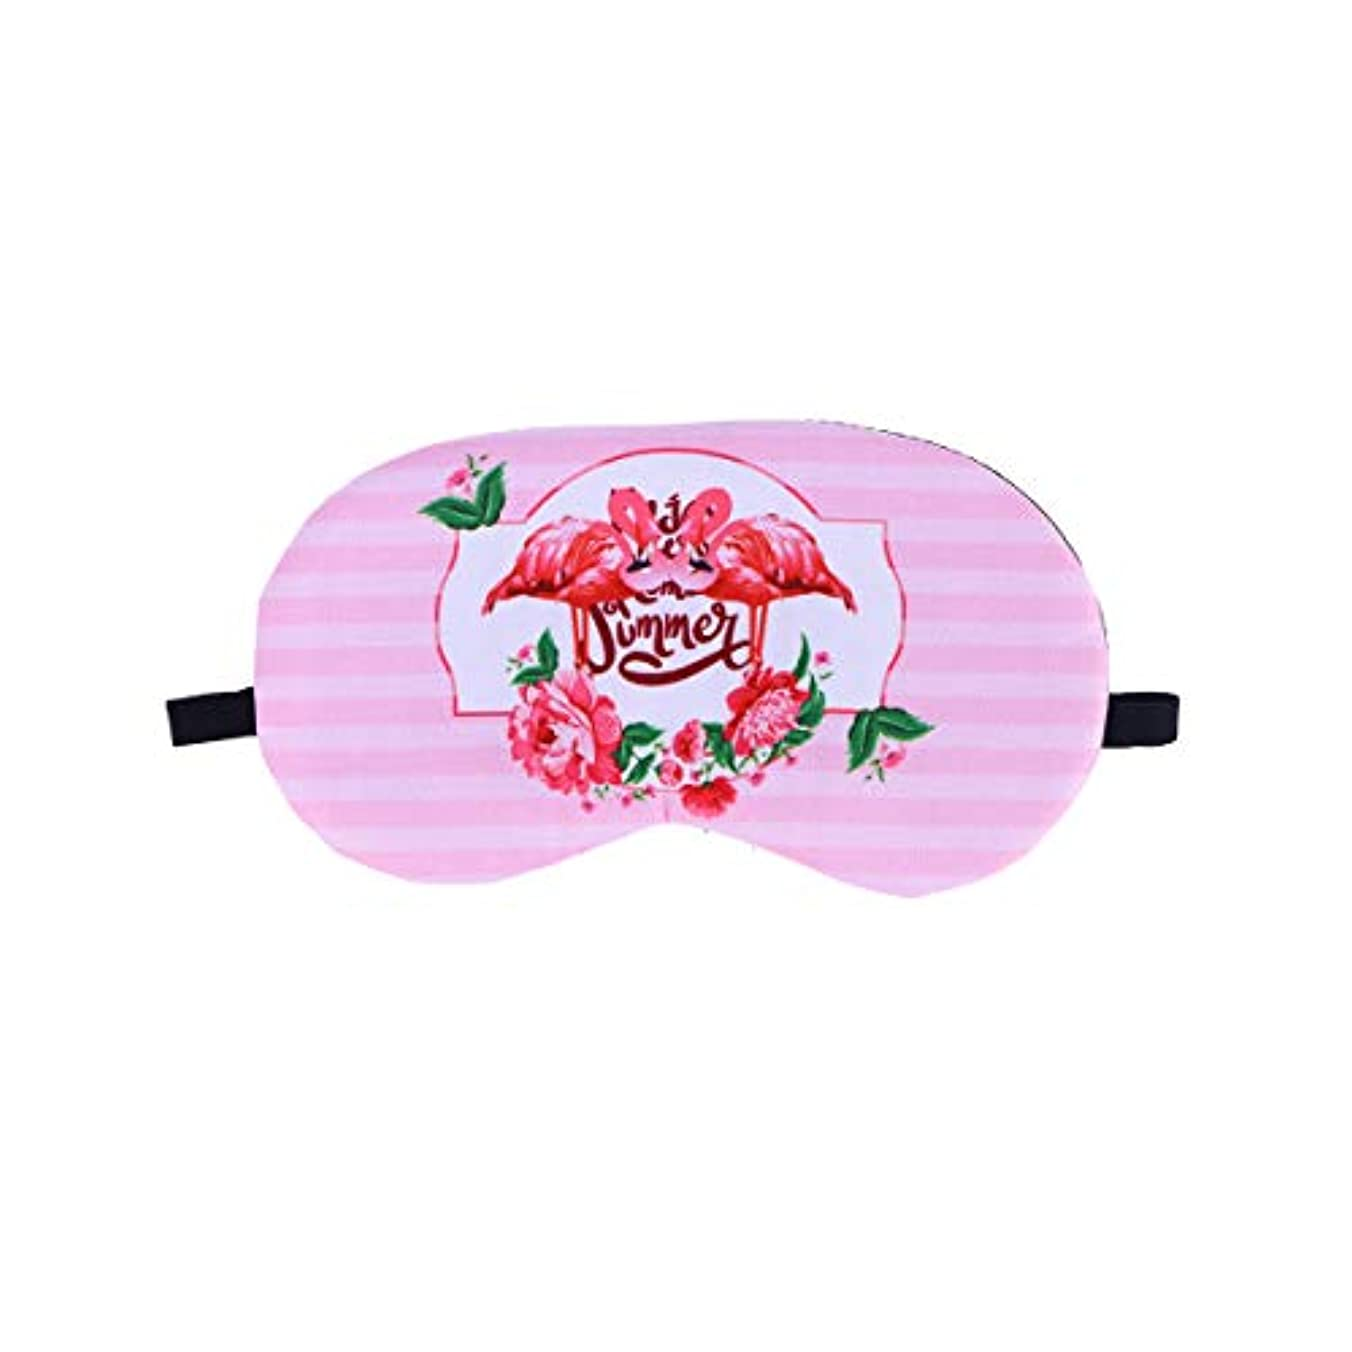 ブリーフケースきらきらがんばり続けるSUPVOX フラミンゴアイマスク動物睡眠トラベリング目隠しアイカバー(ピンク)